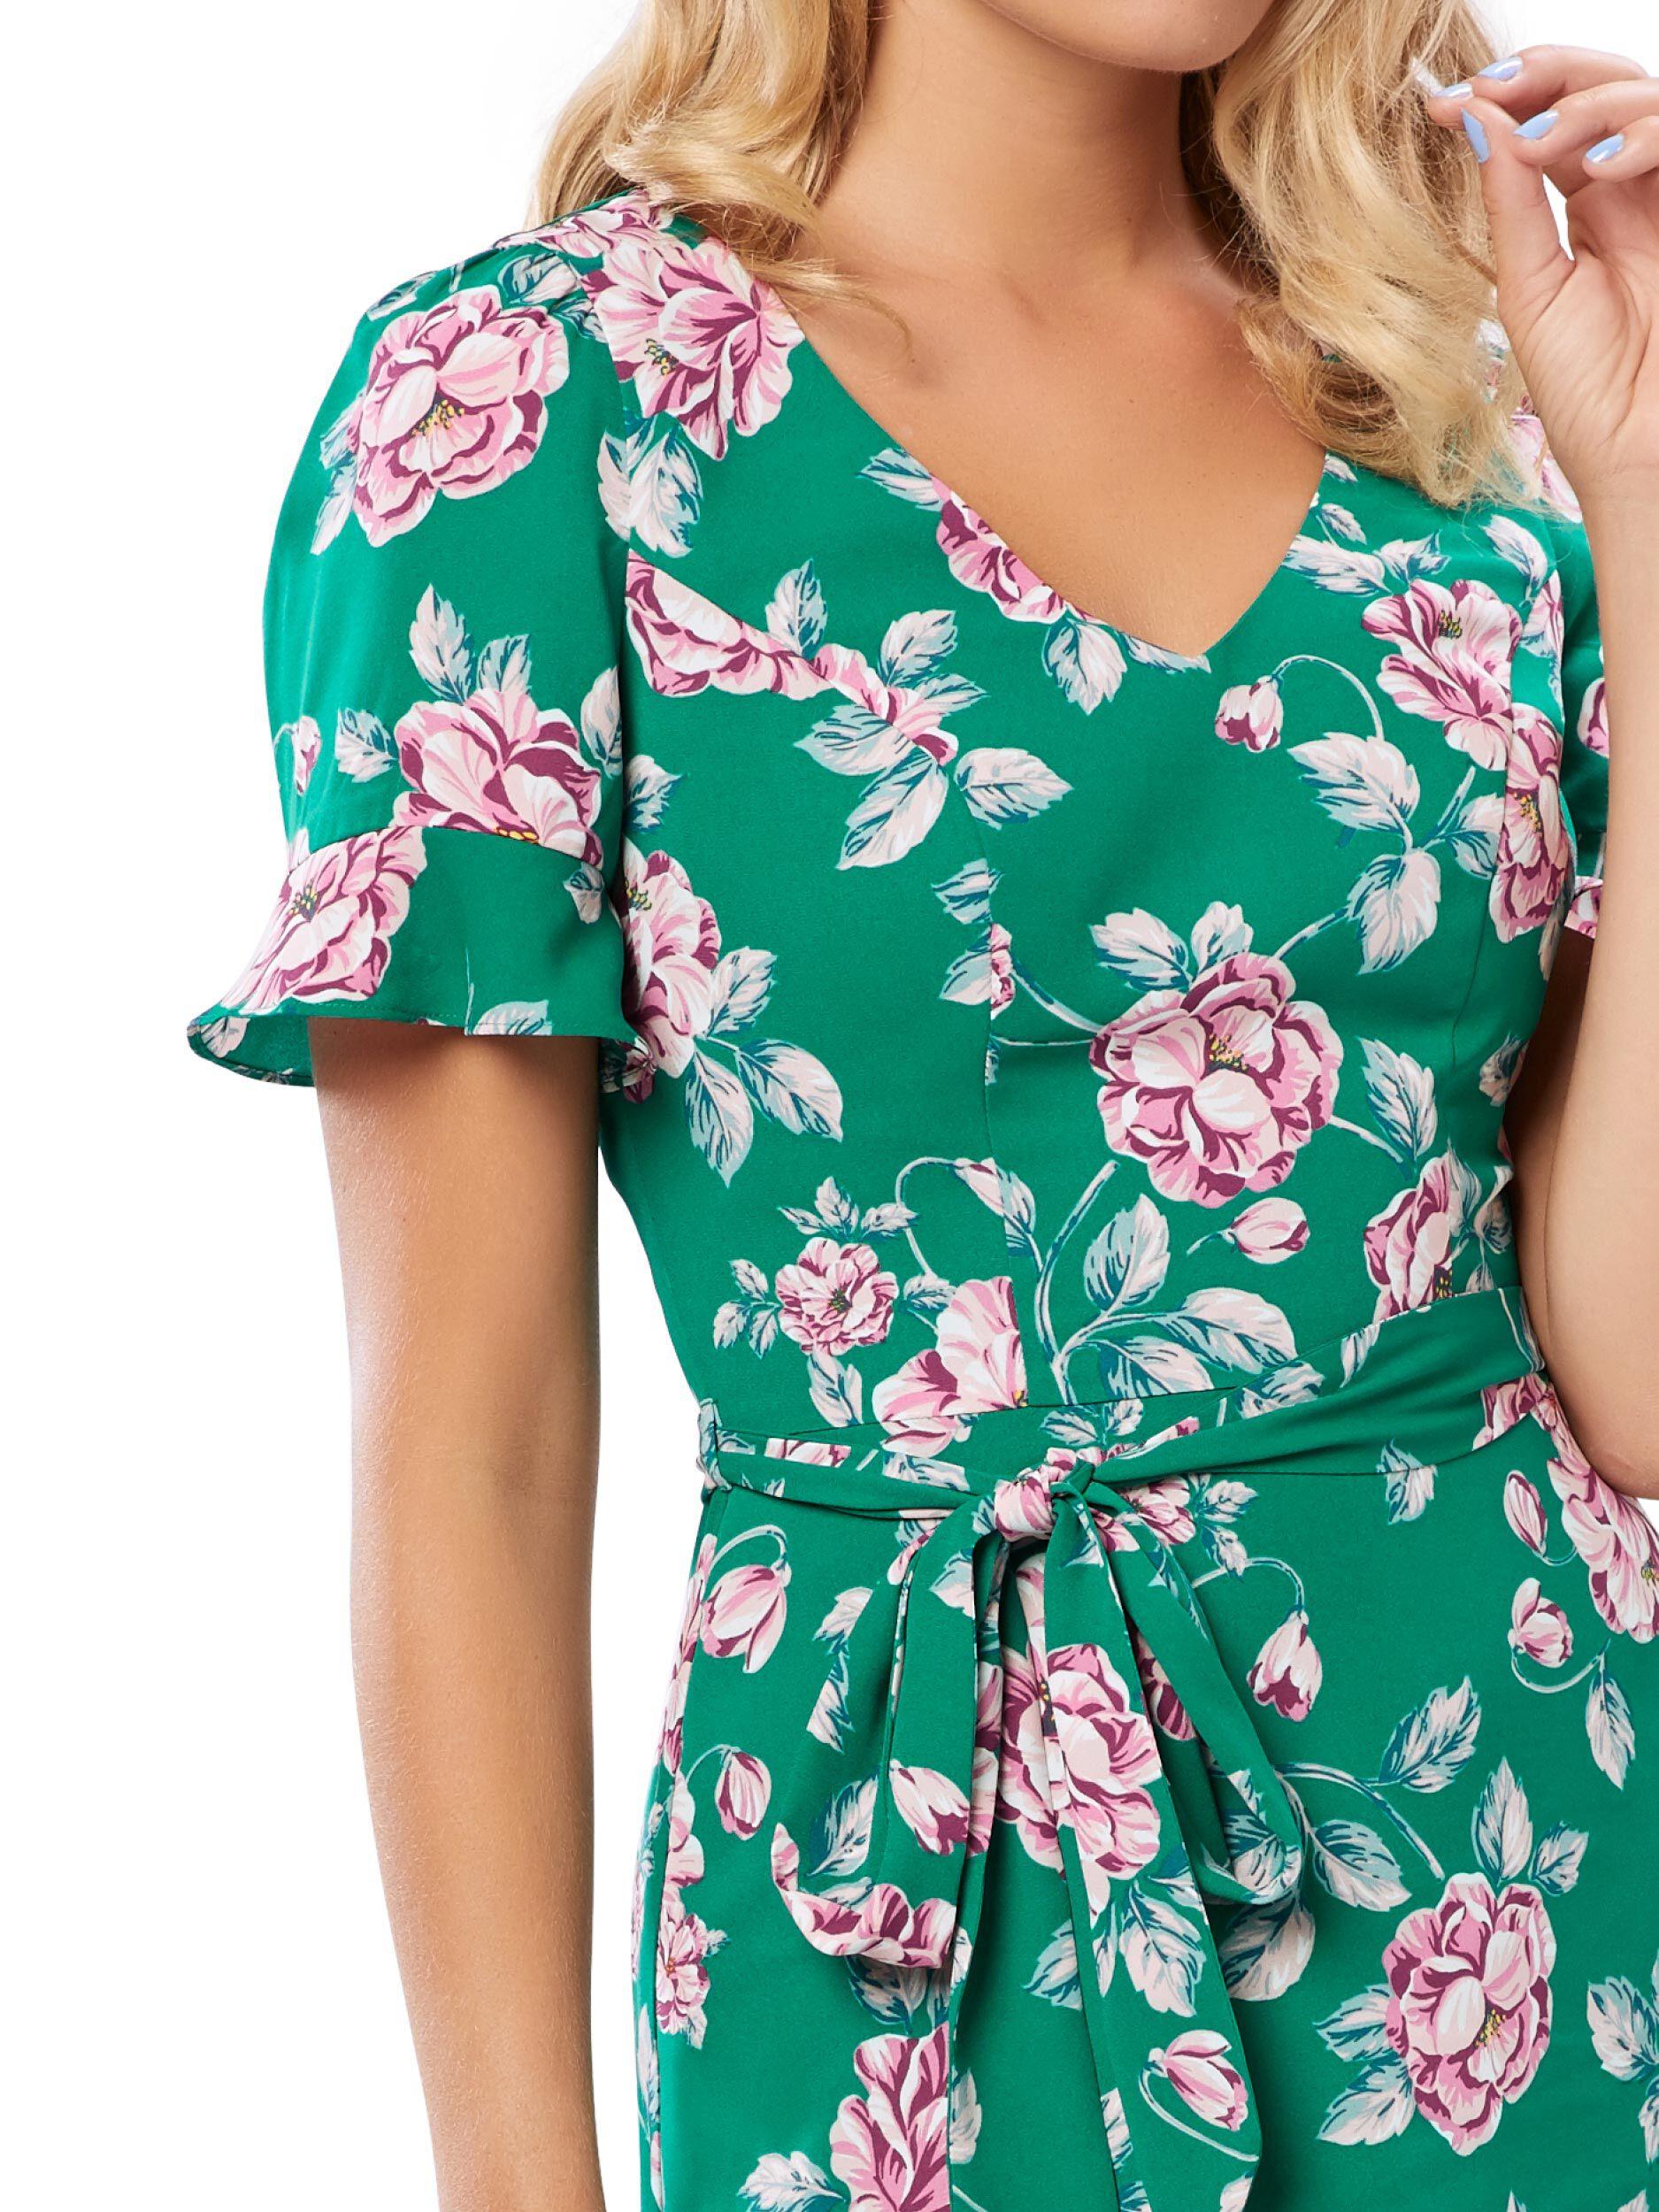 Blissful Bloom Dress